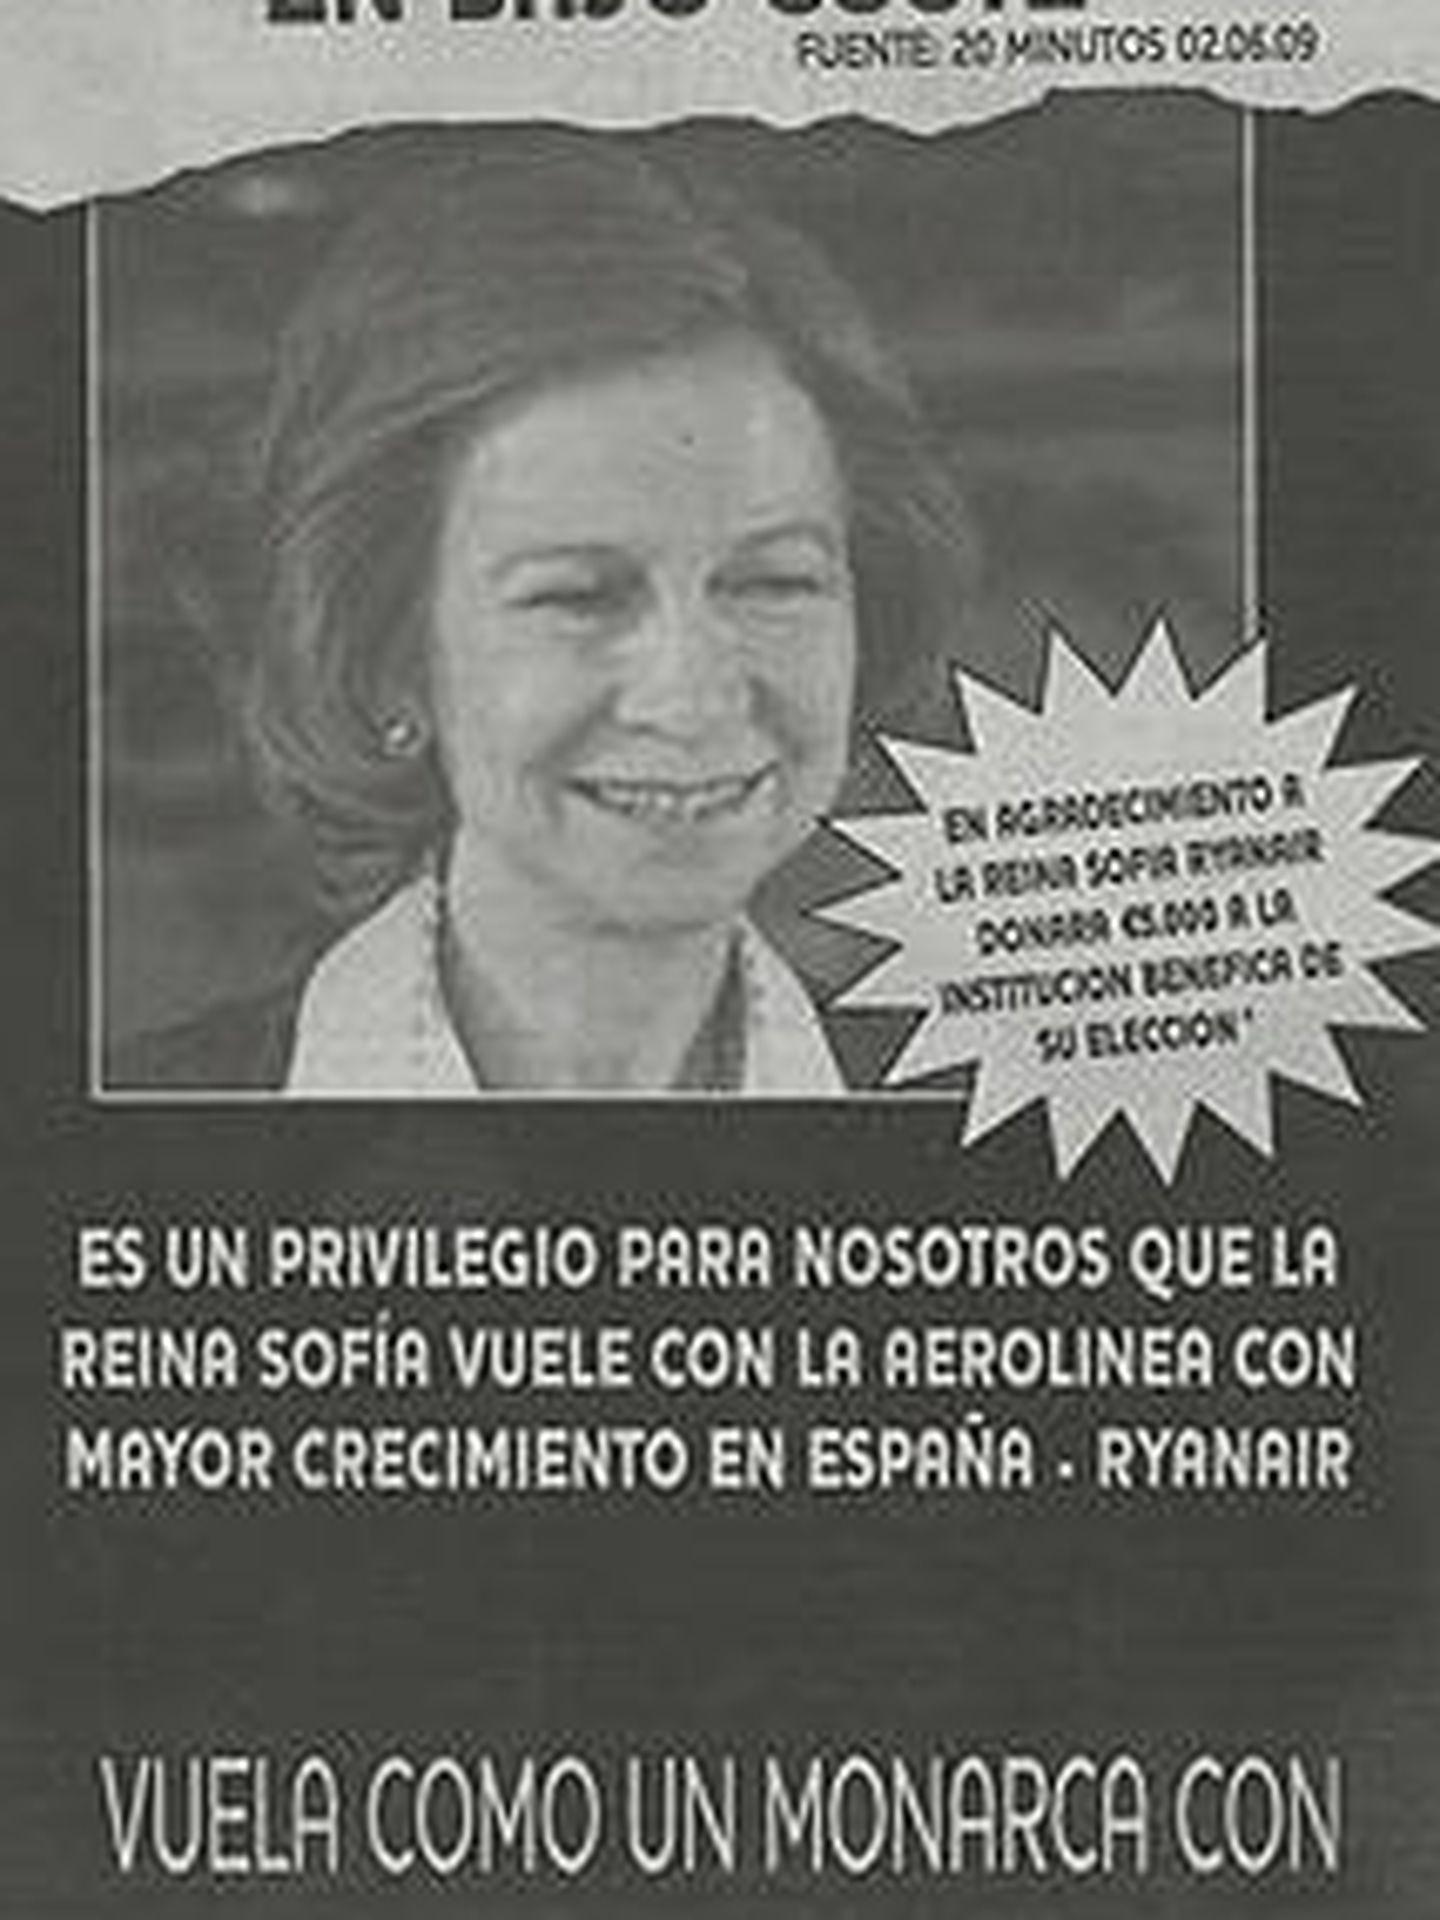 La imagen de la reina Sofía usada con fines publicitarios.